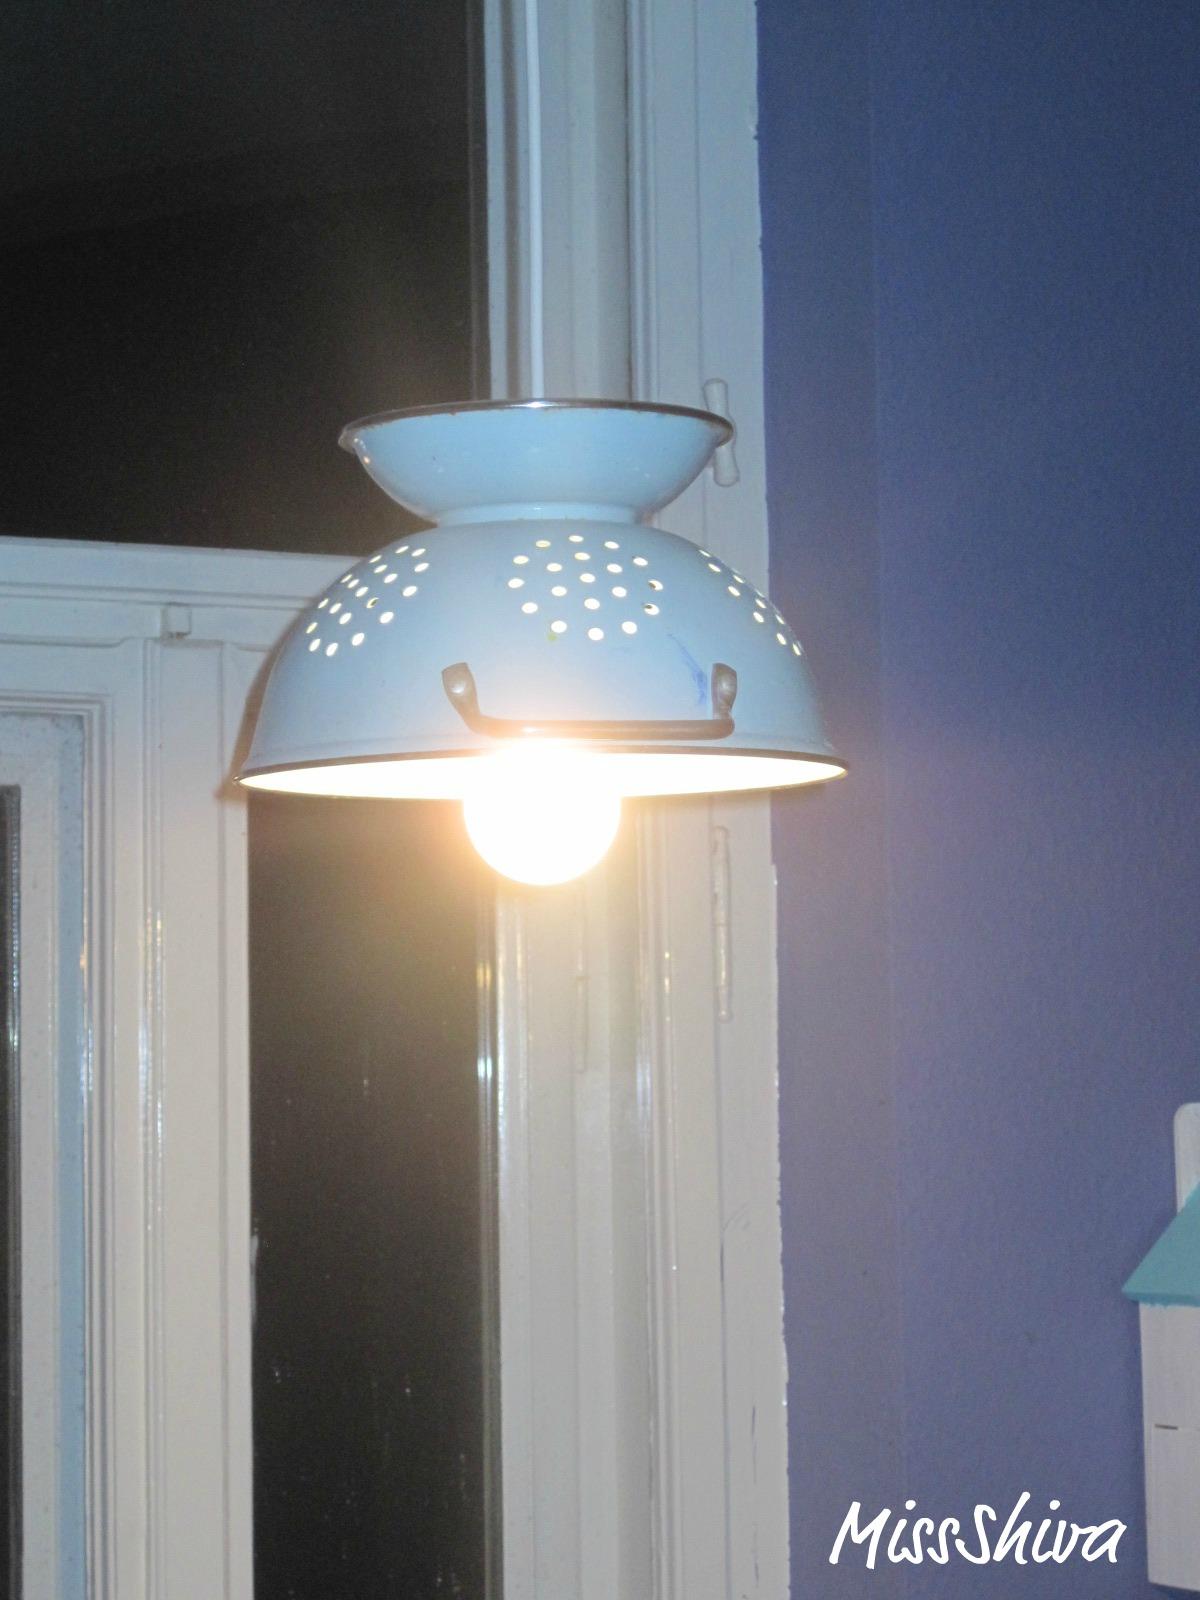 miss shiva diy lampe. Black Bedroom Furniture Sets. Home Design Ideas